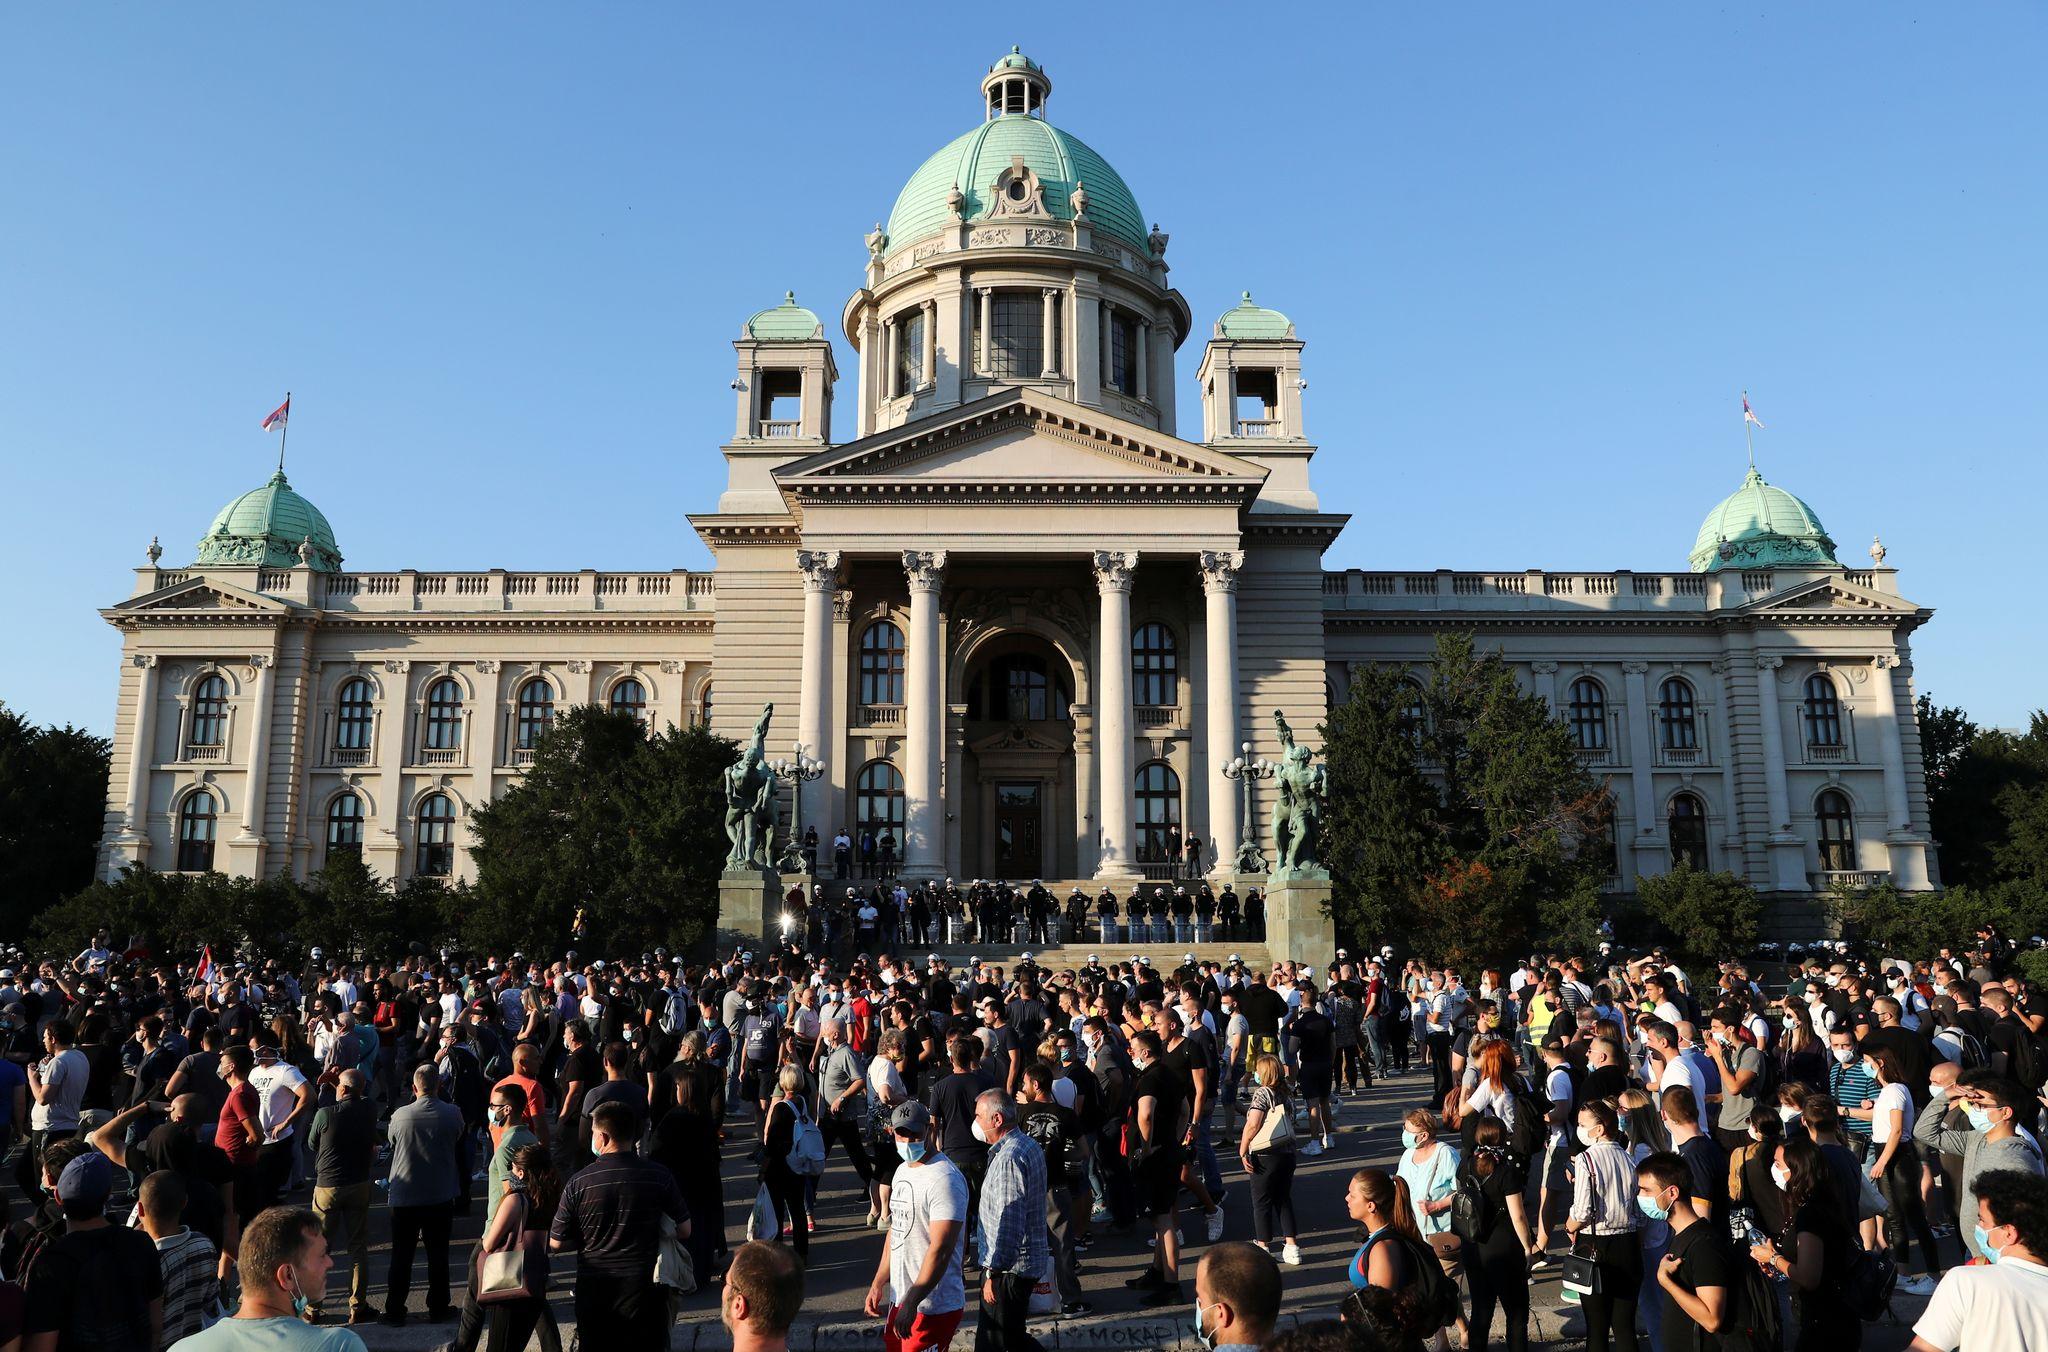 대통령 퇴진을 요구하는 베오그라드 시위대가 8일 의사당 앞에 집결하고 있다. 로이터=연합뉴스